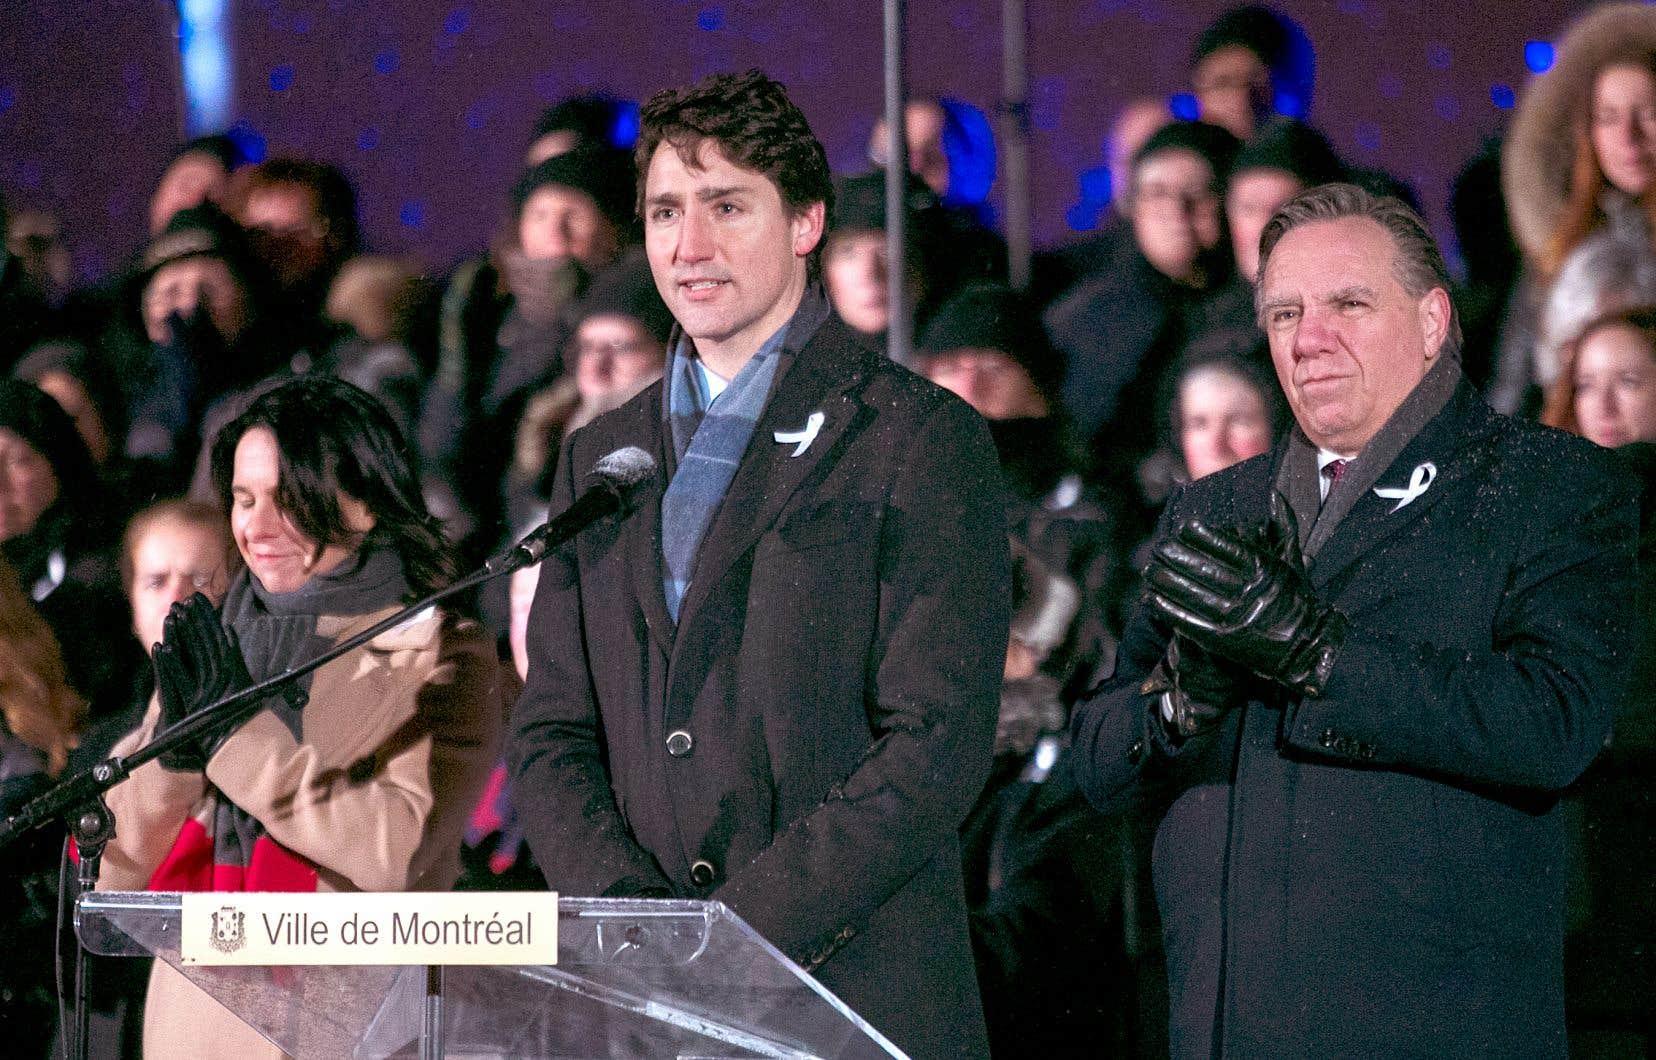 La mairesse de Montréal, Valérie Plante, le premier ministre du Canada, Justin Trudeau, son homologue québécois, François Legault, se sont tour à tour adressés à la foule.